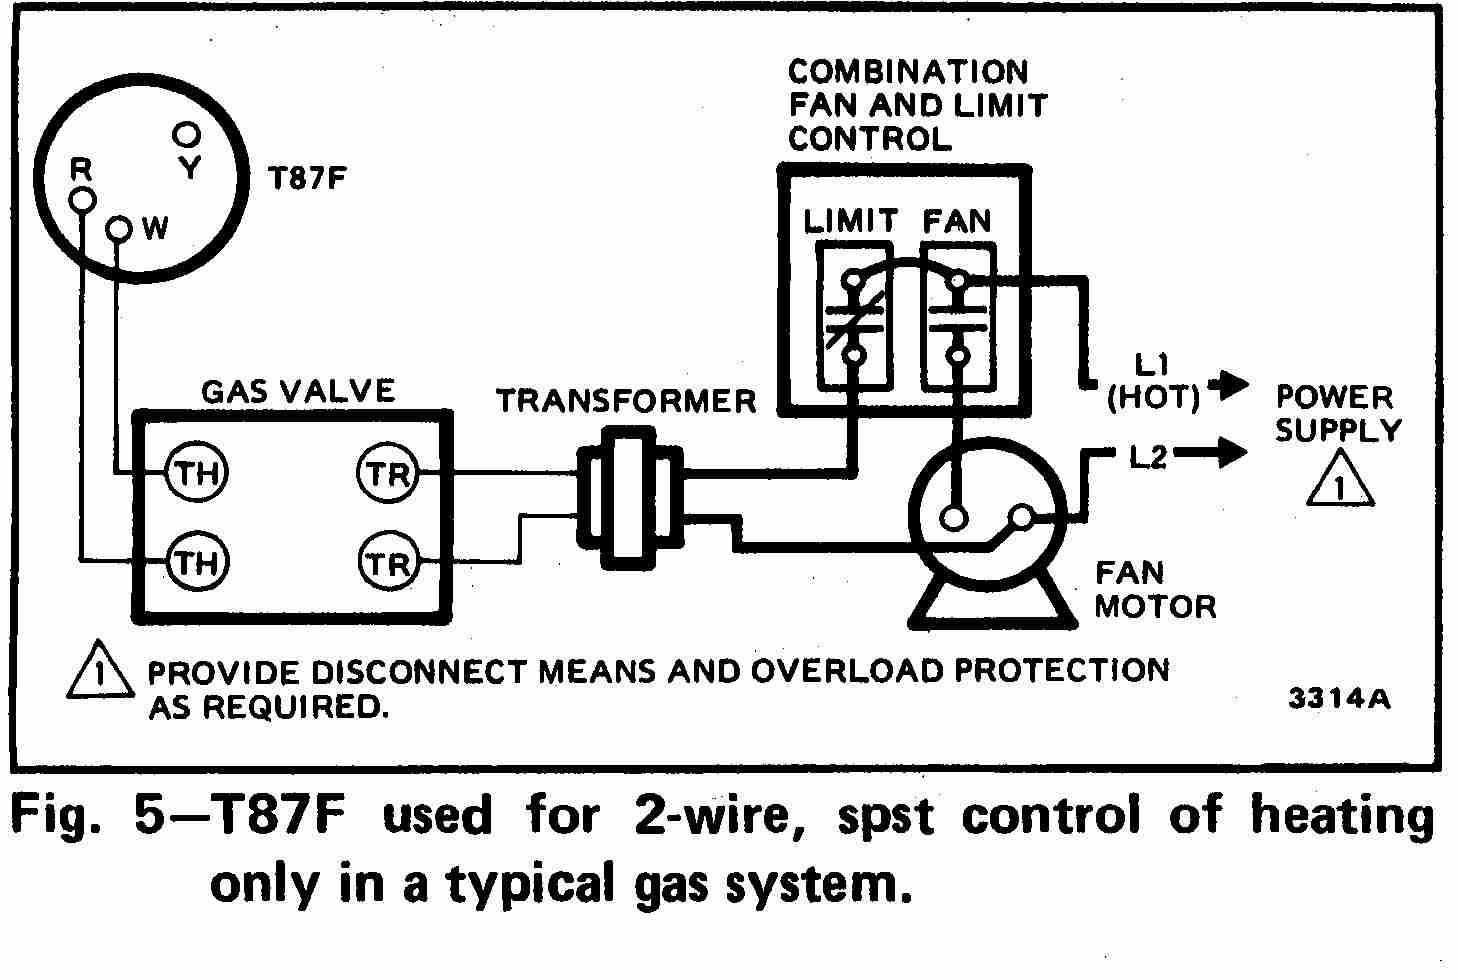 nordyne wiring diagram gibson heat pump wiring diagram gibson 2 Wire Heater Thermostat Wiring Diagram nordyne thermostat wiring diagram nordyne image nordyne thermostat wiring diagram wiring diagram on nordyne thermostat wiring Heat Only Thermostat Wiring Diagram